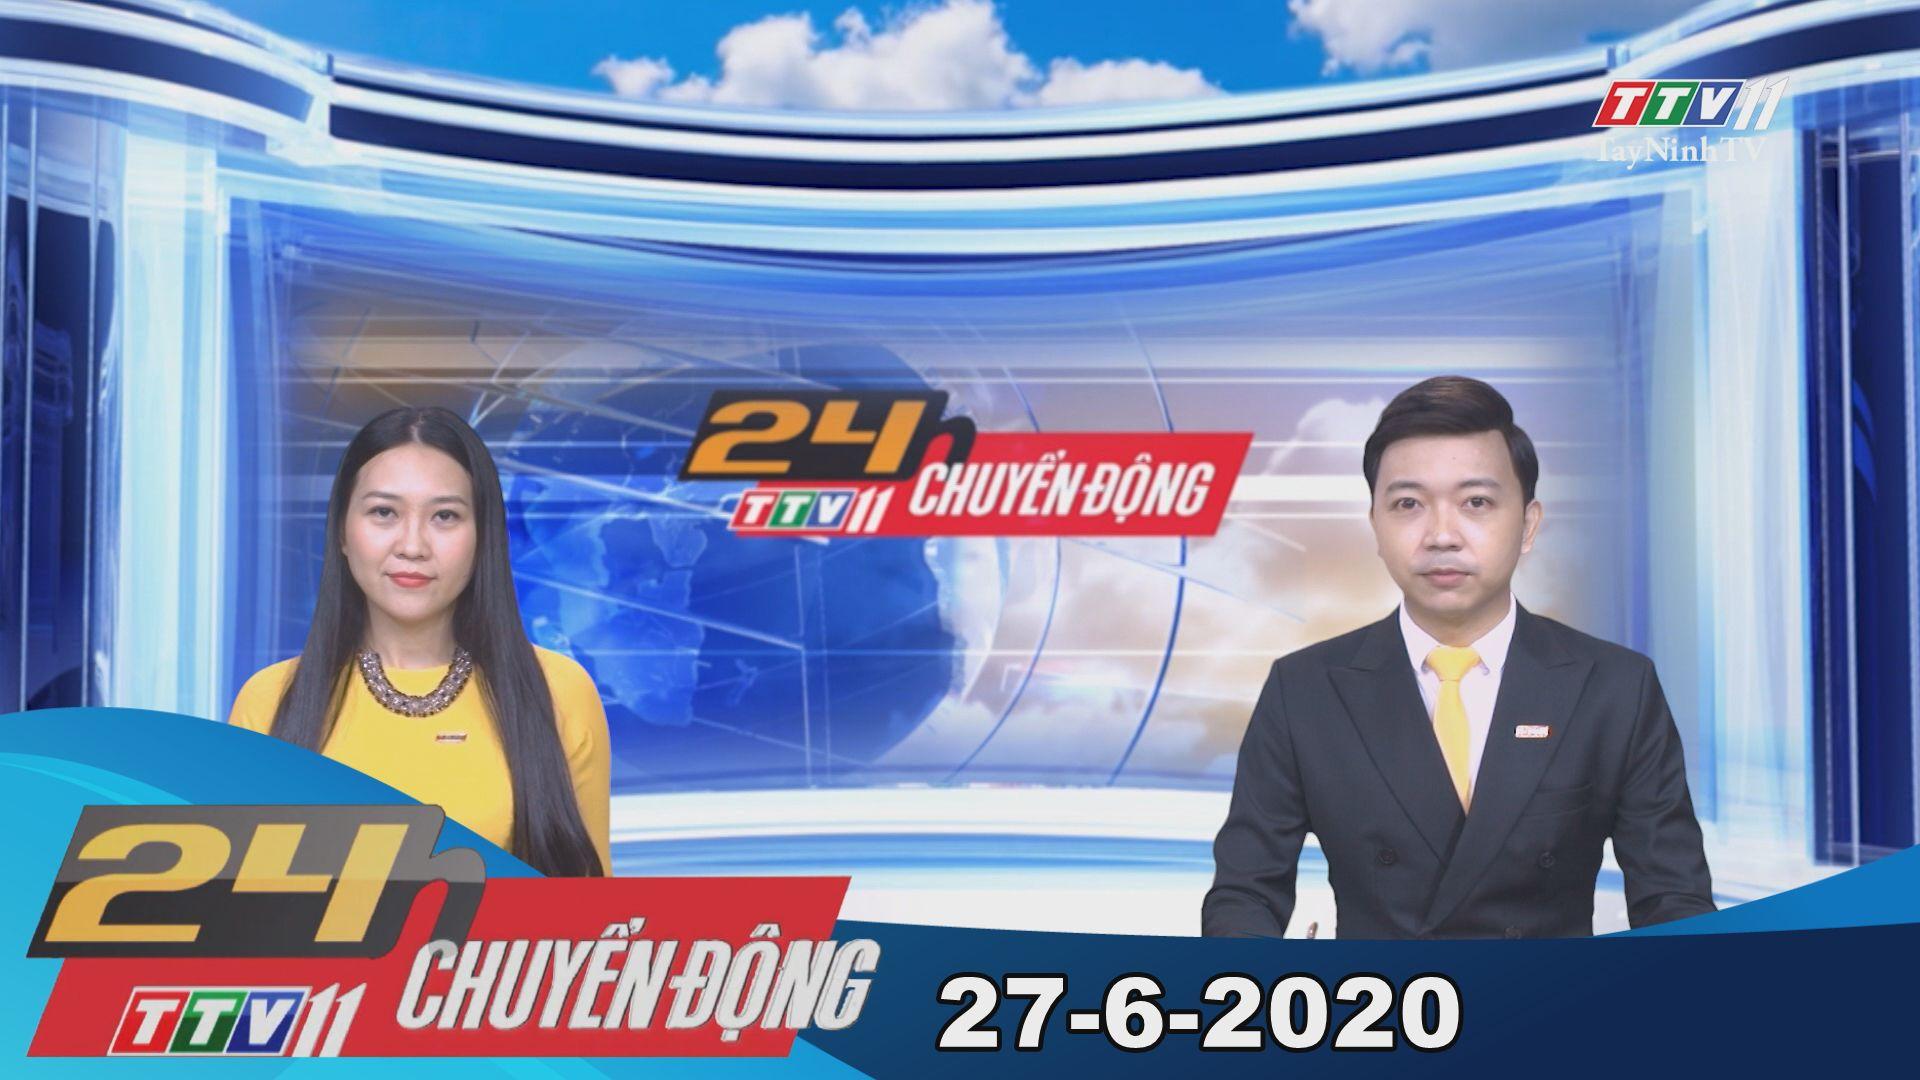 24h Chuyển động 27-6-2020 | Tin tức hôm nay | TayNinhTV